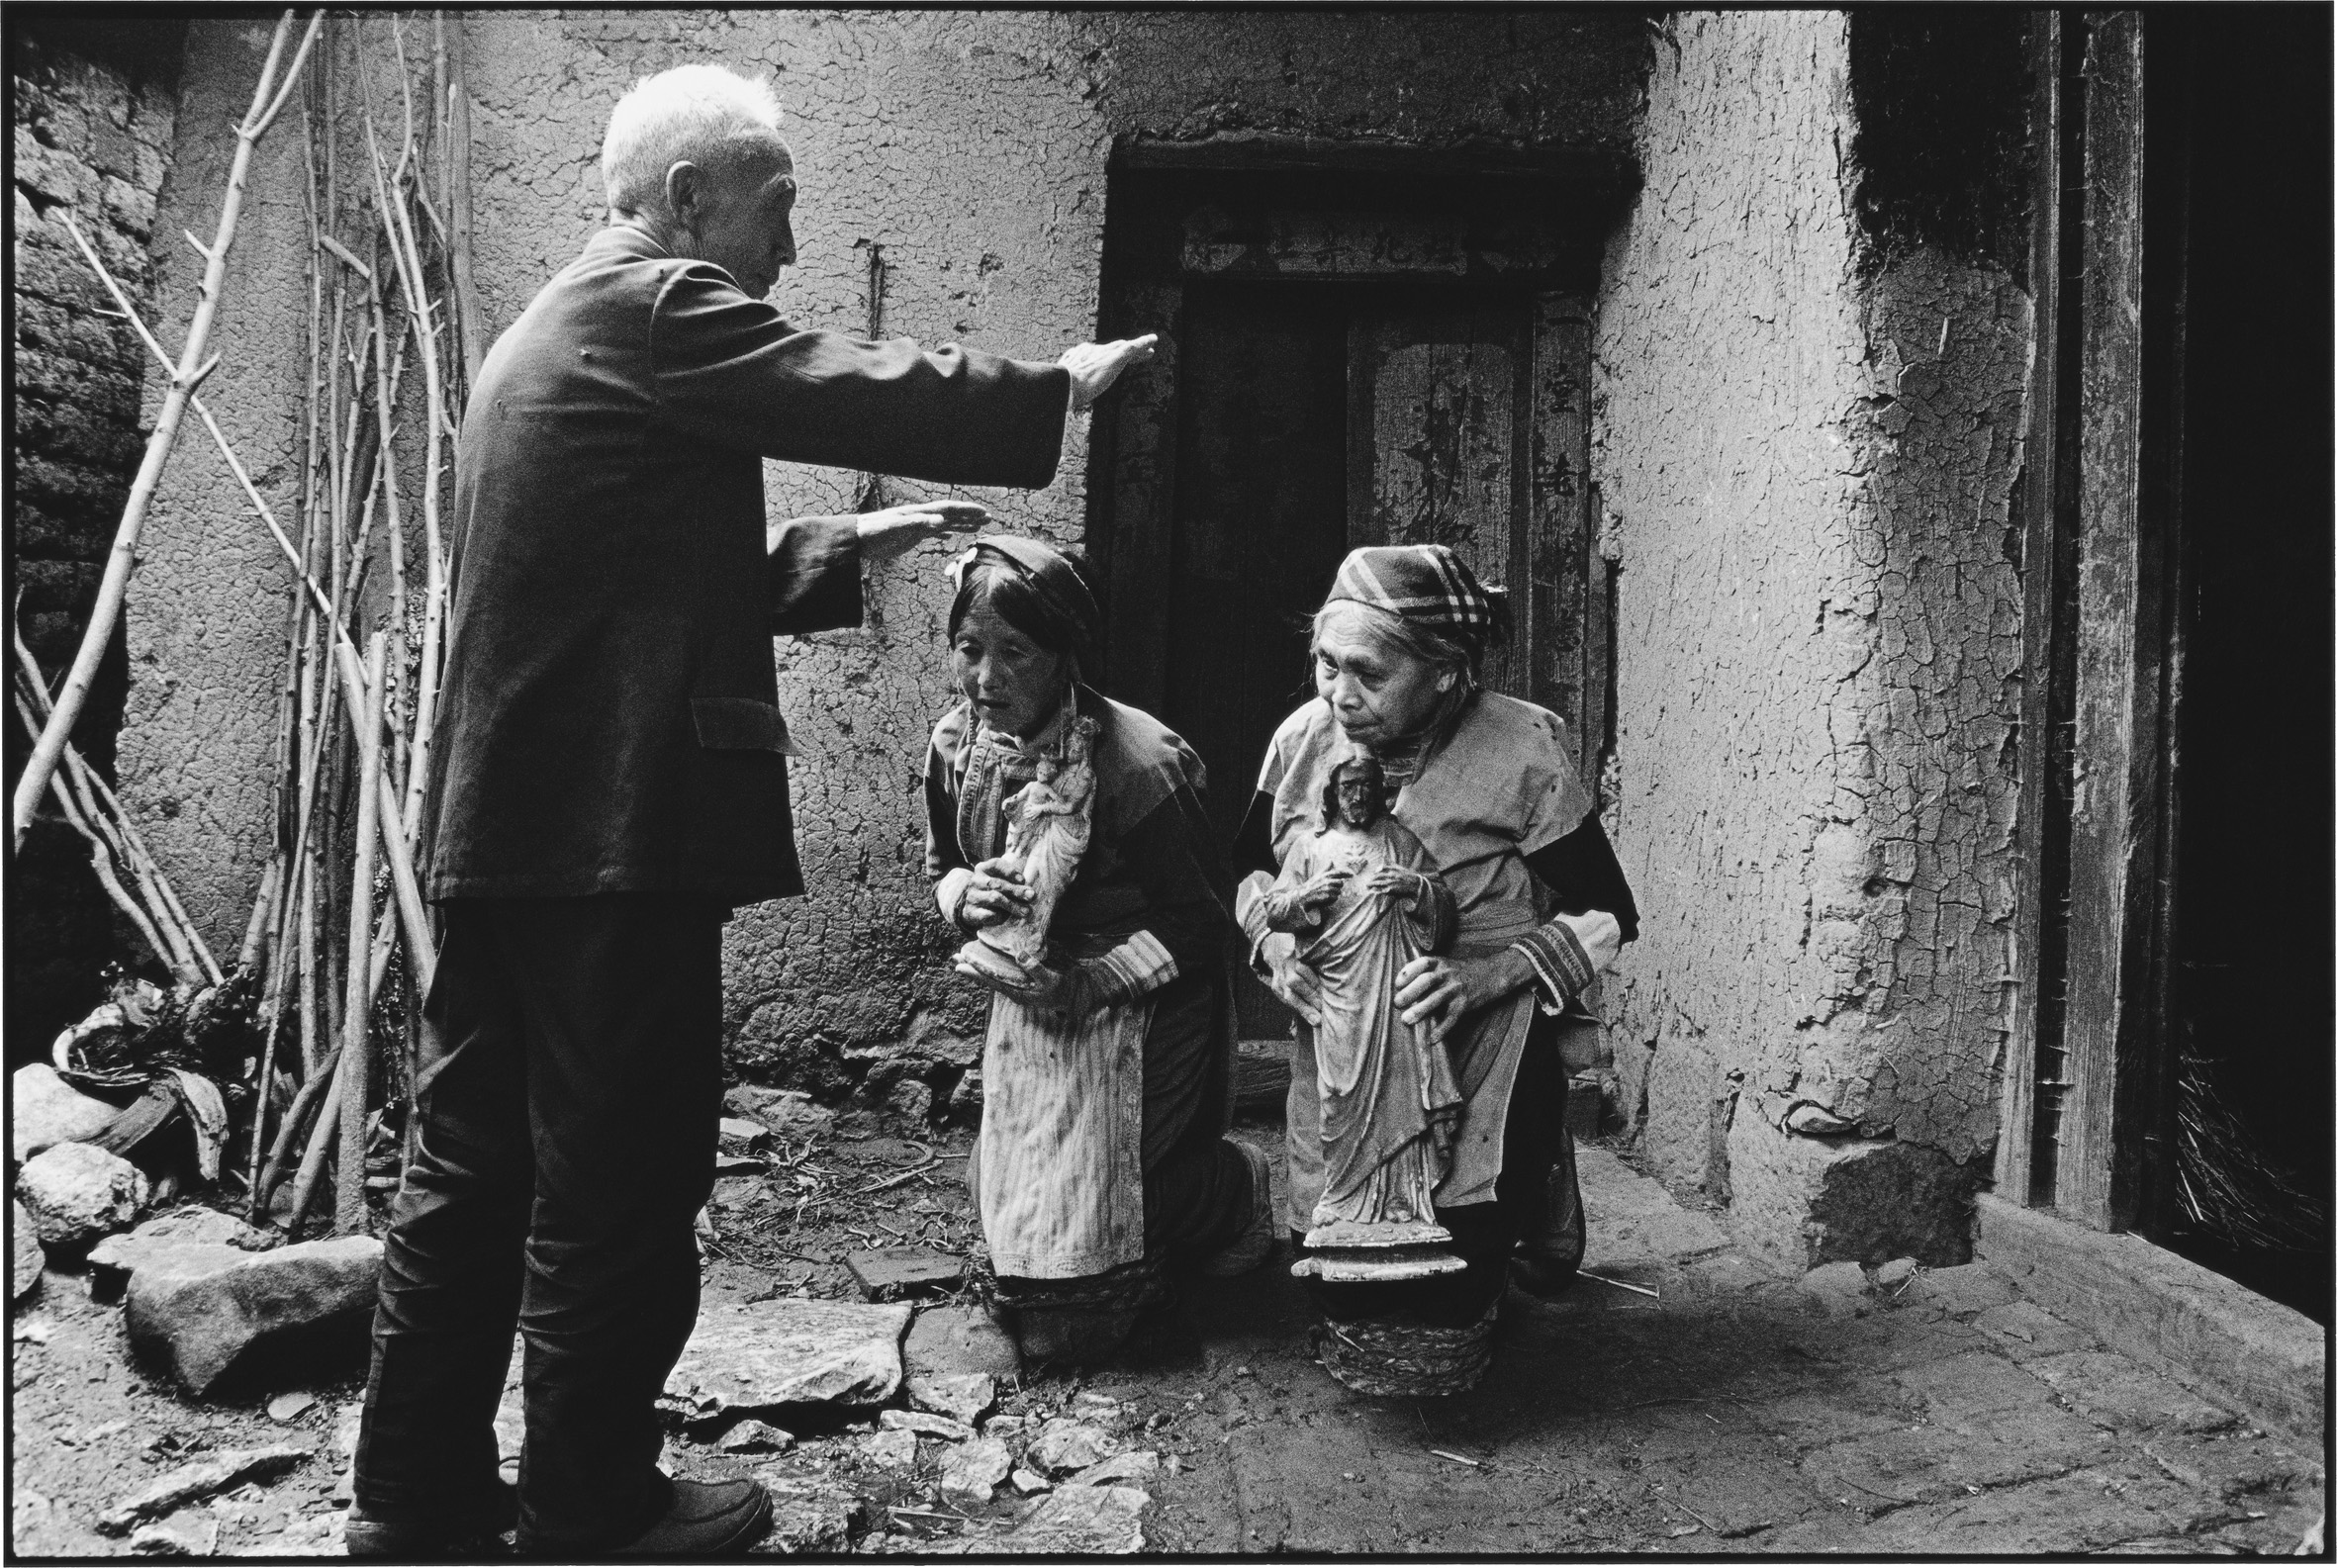 A Blessing, Yunnan, China